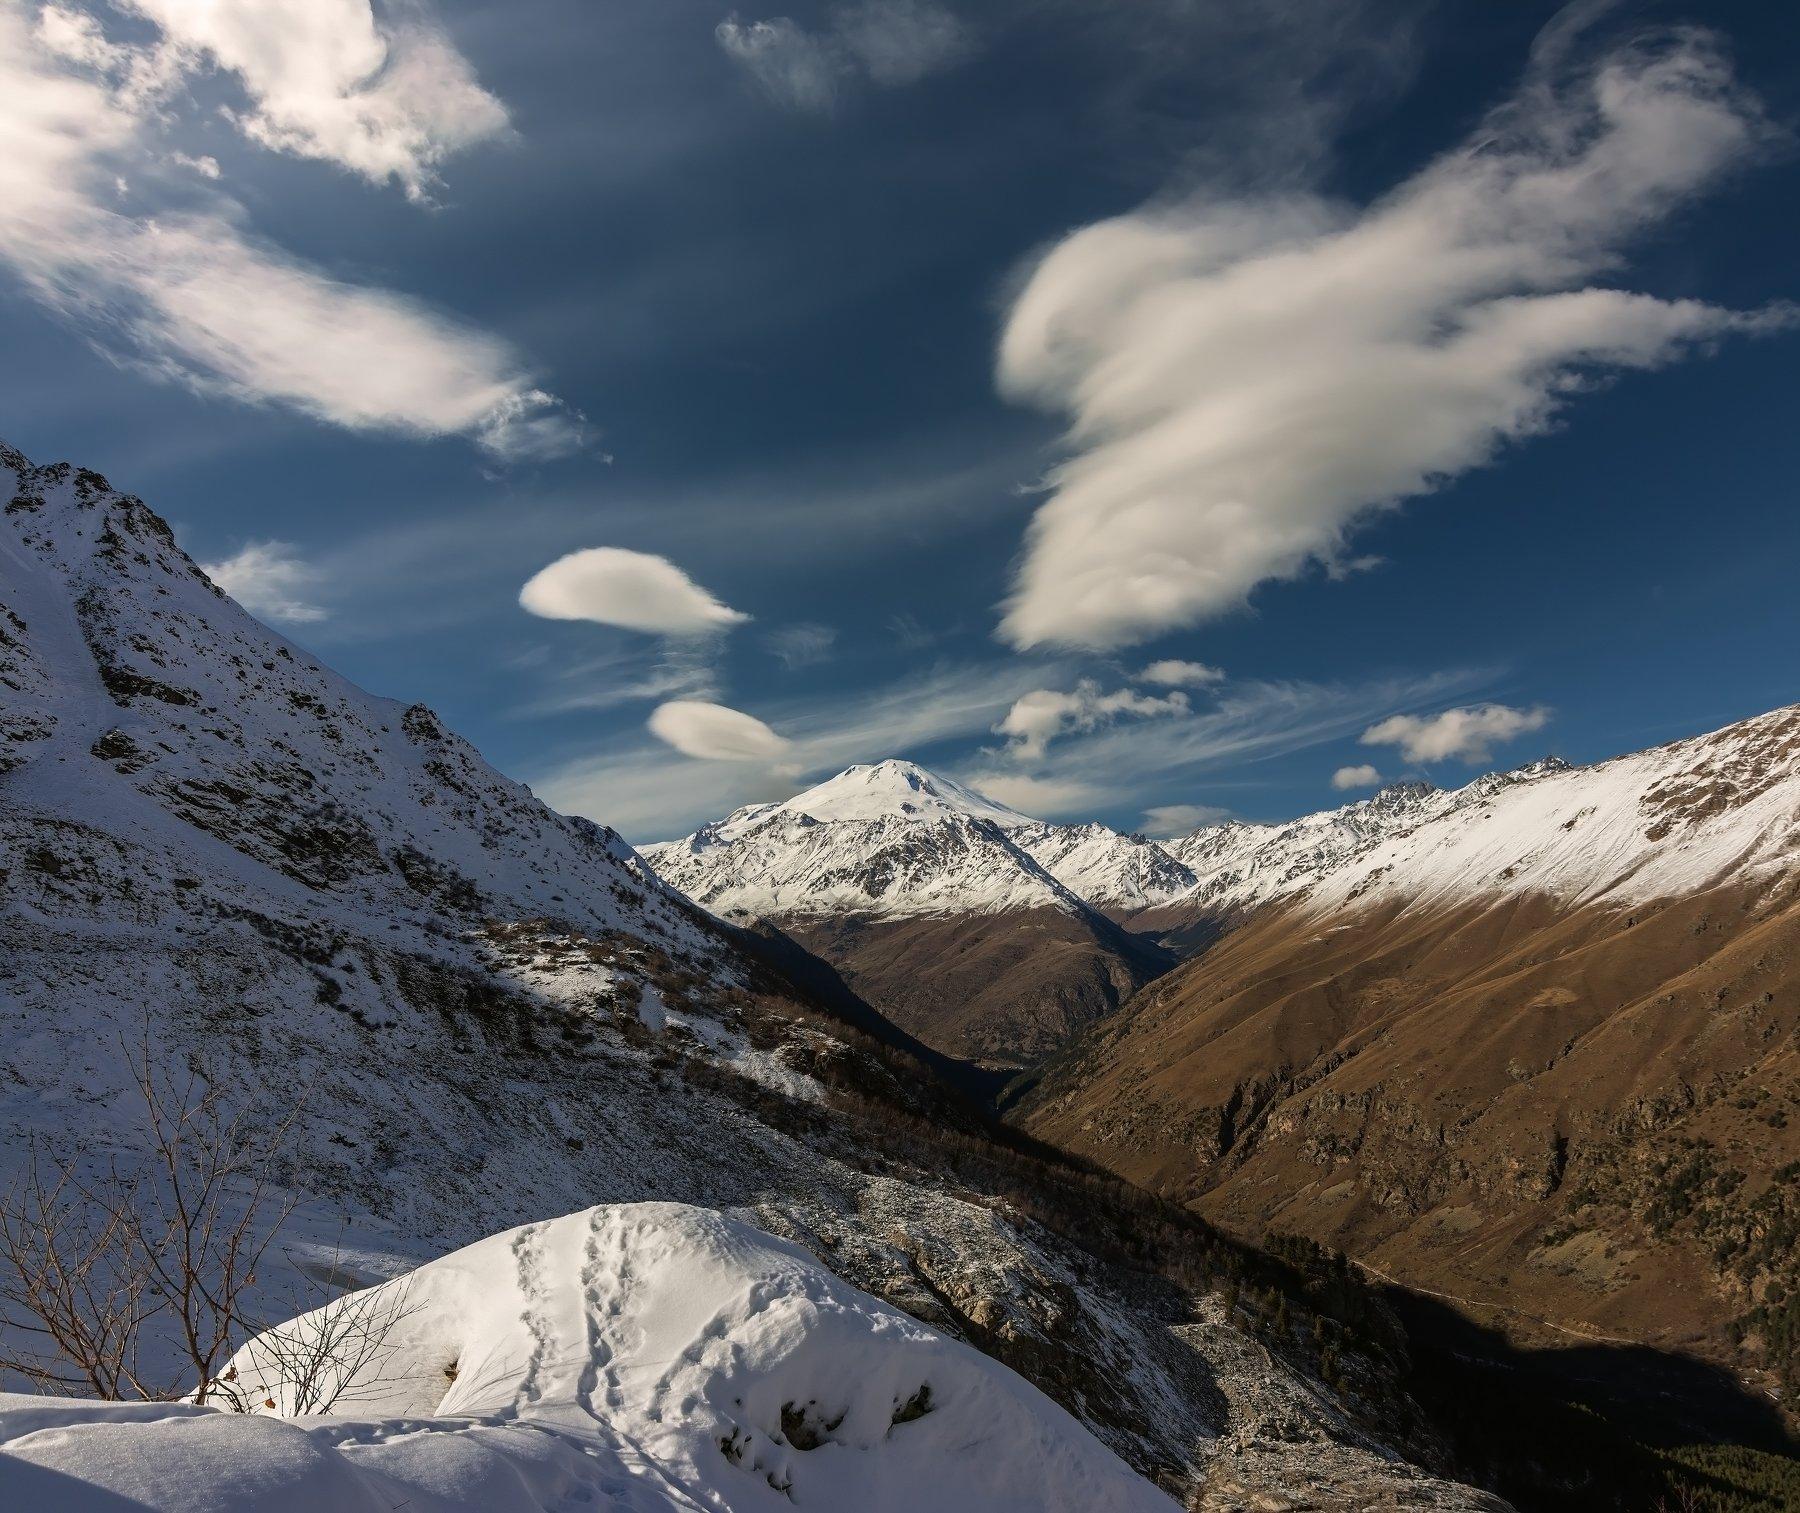 горы,кавказ, восхождения,эльбрус, ледник, облака, Эстелла